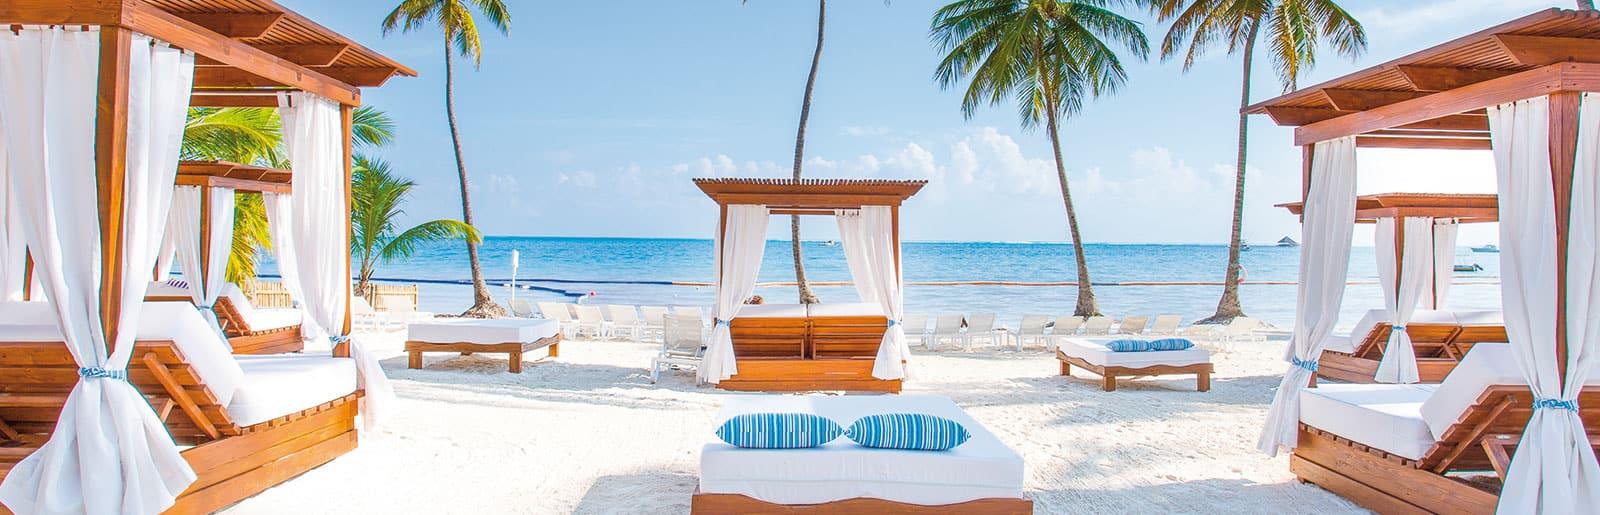 Ваш отличный отдых на лучших пляжах Доминиканы